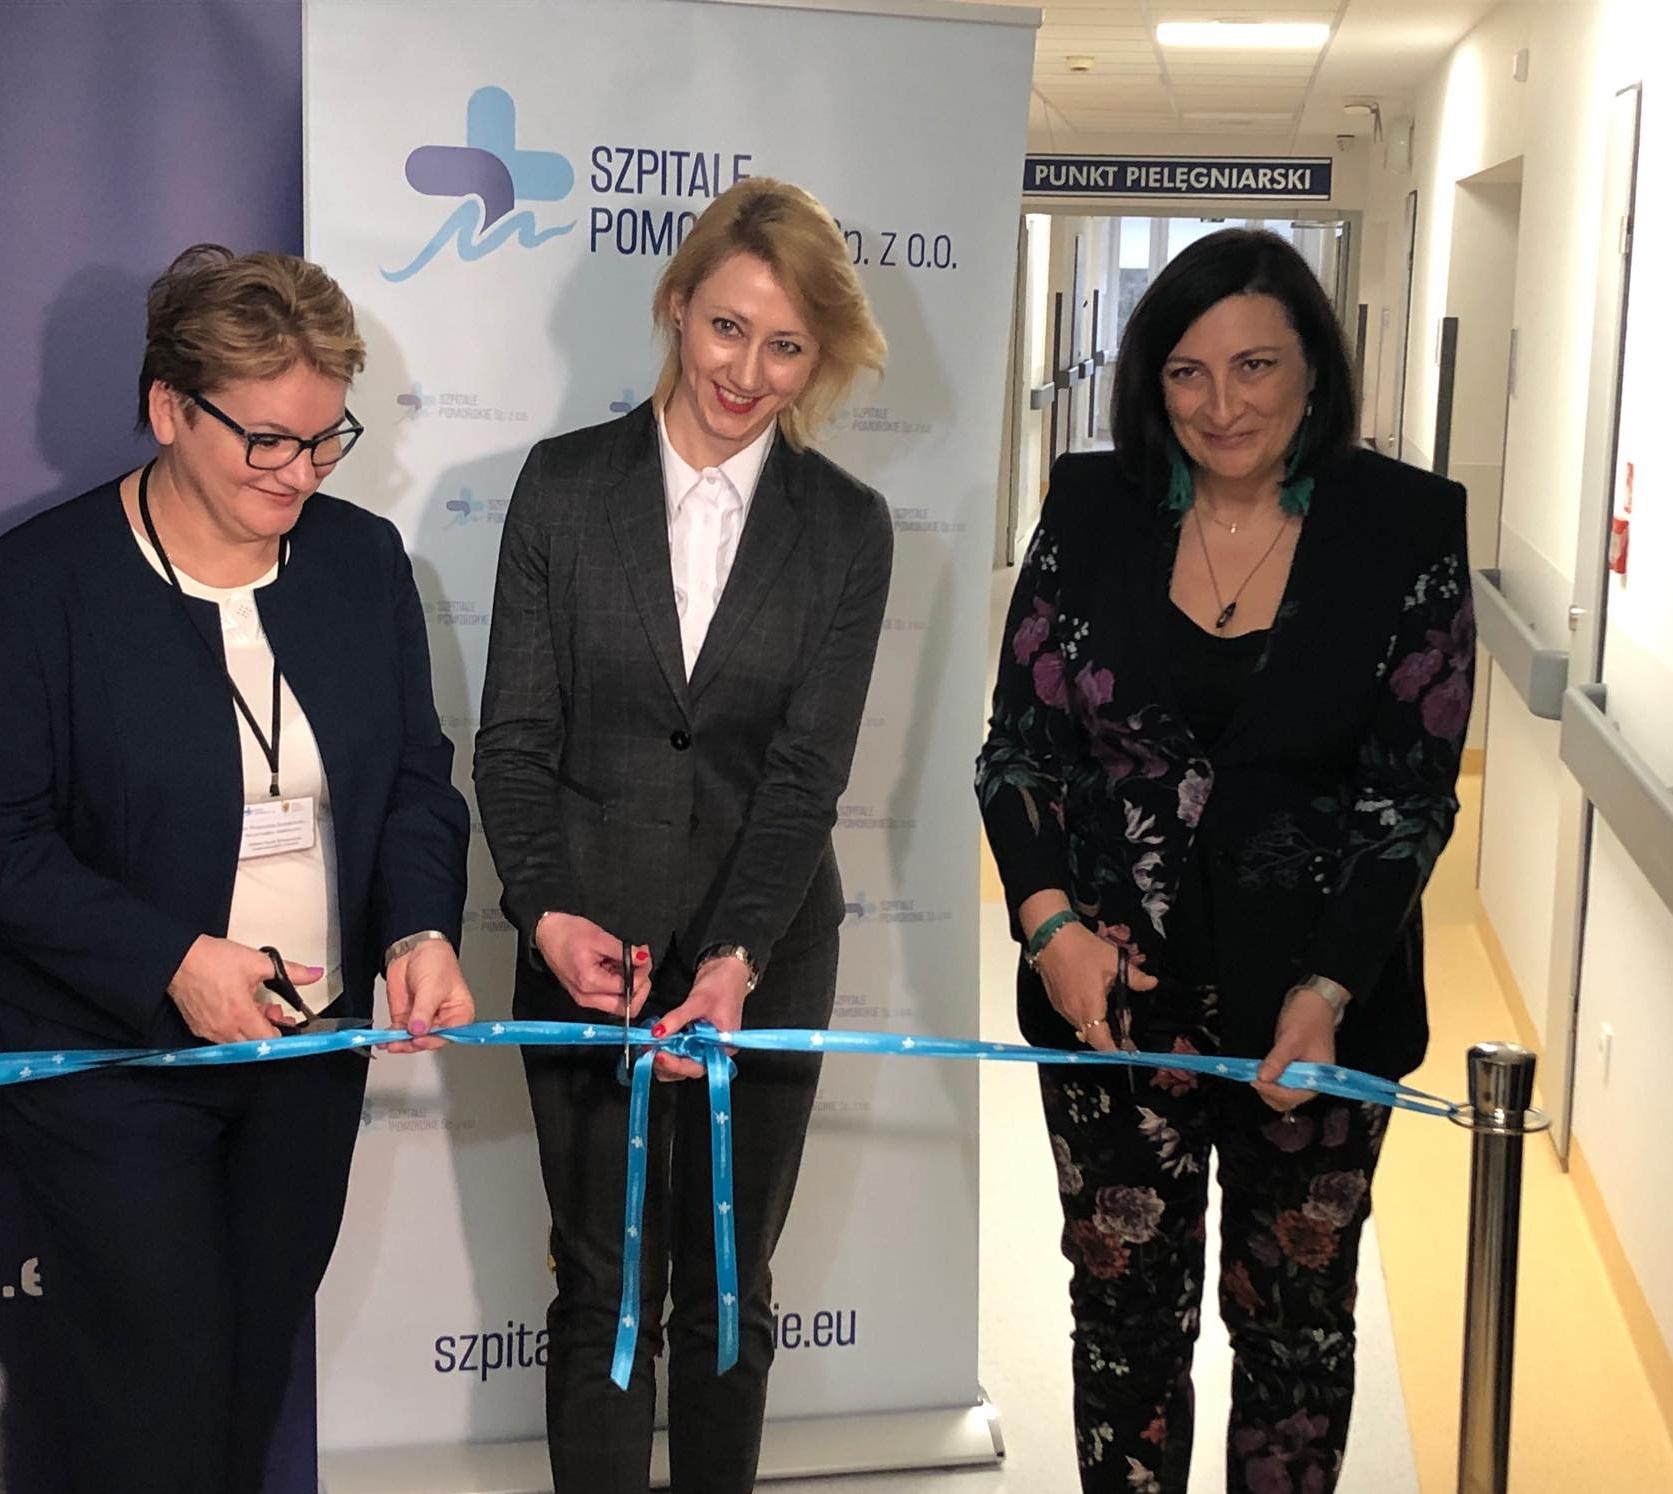 Interna i urologia w wejherowskim szpitalu po remoncie. Co zmieniło się za ponad 2 mln zł?